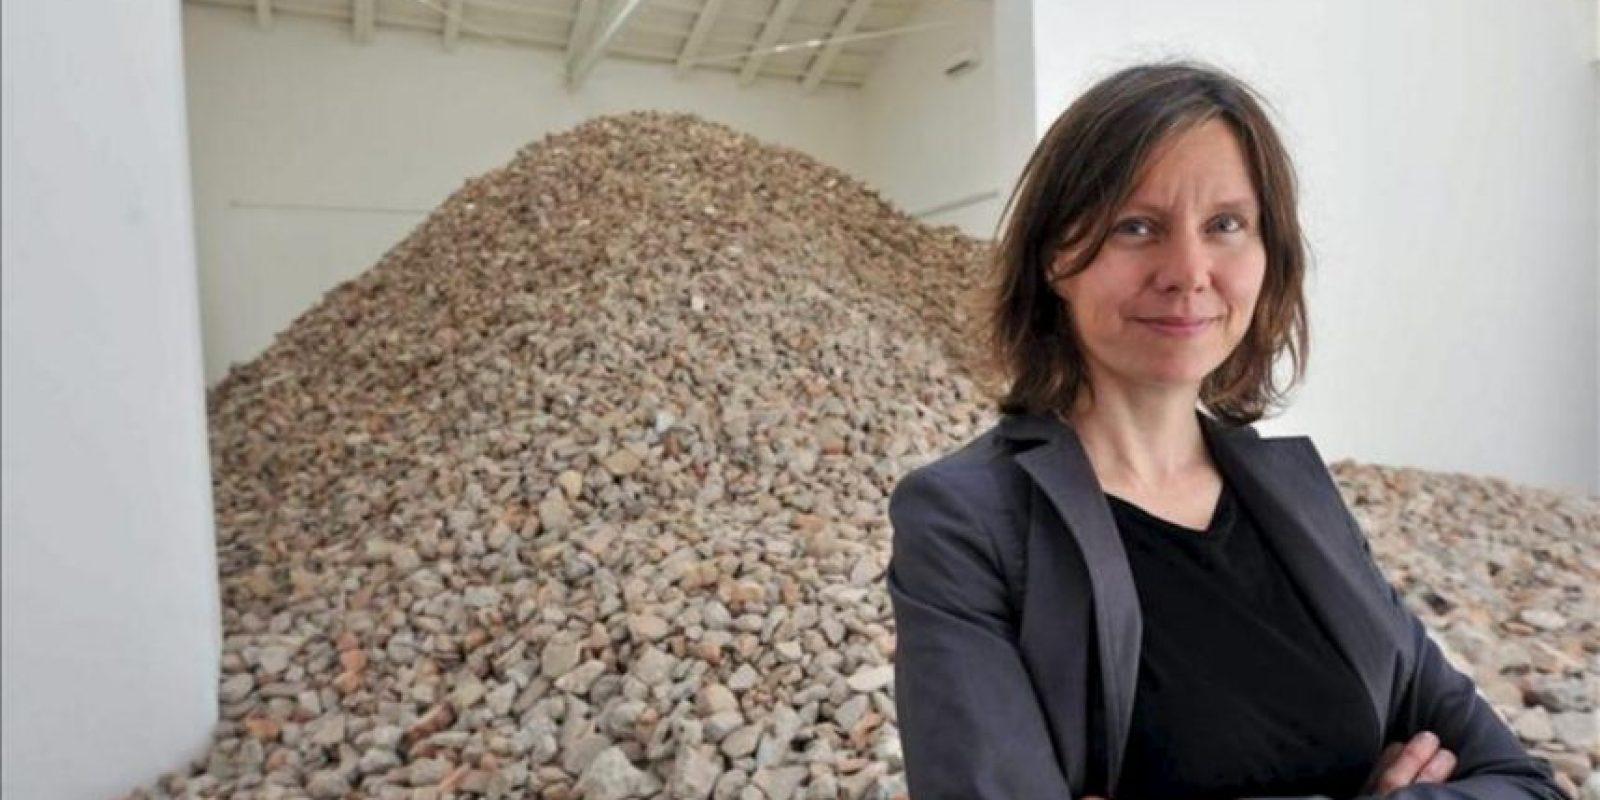 La artista española Lara Almarcegui junto a su obra que representa el pabellón haciéndolo añicos y mostrando toneladas de escombros durante la 55ª edición de la Bienal de Venecia (Italia). La Bienal de Venecia se celebra del 1 de junio al 24 de noviembre. EFE